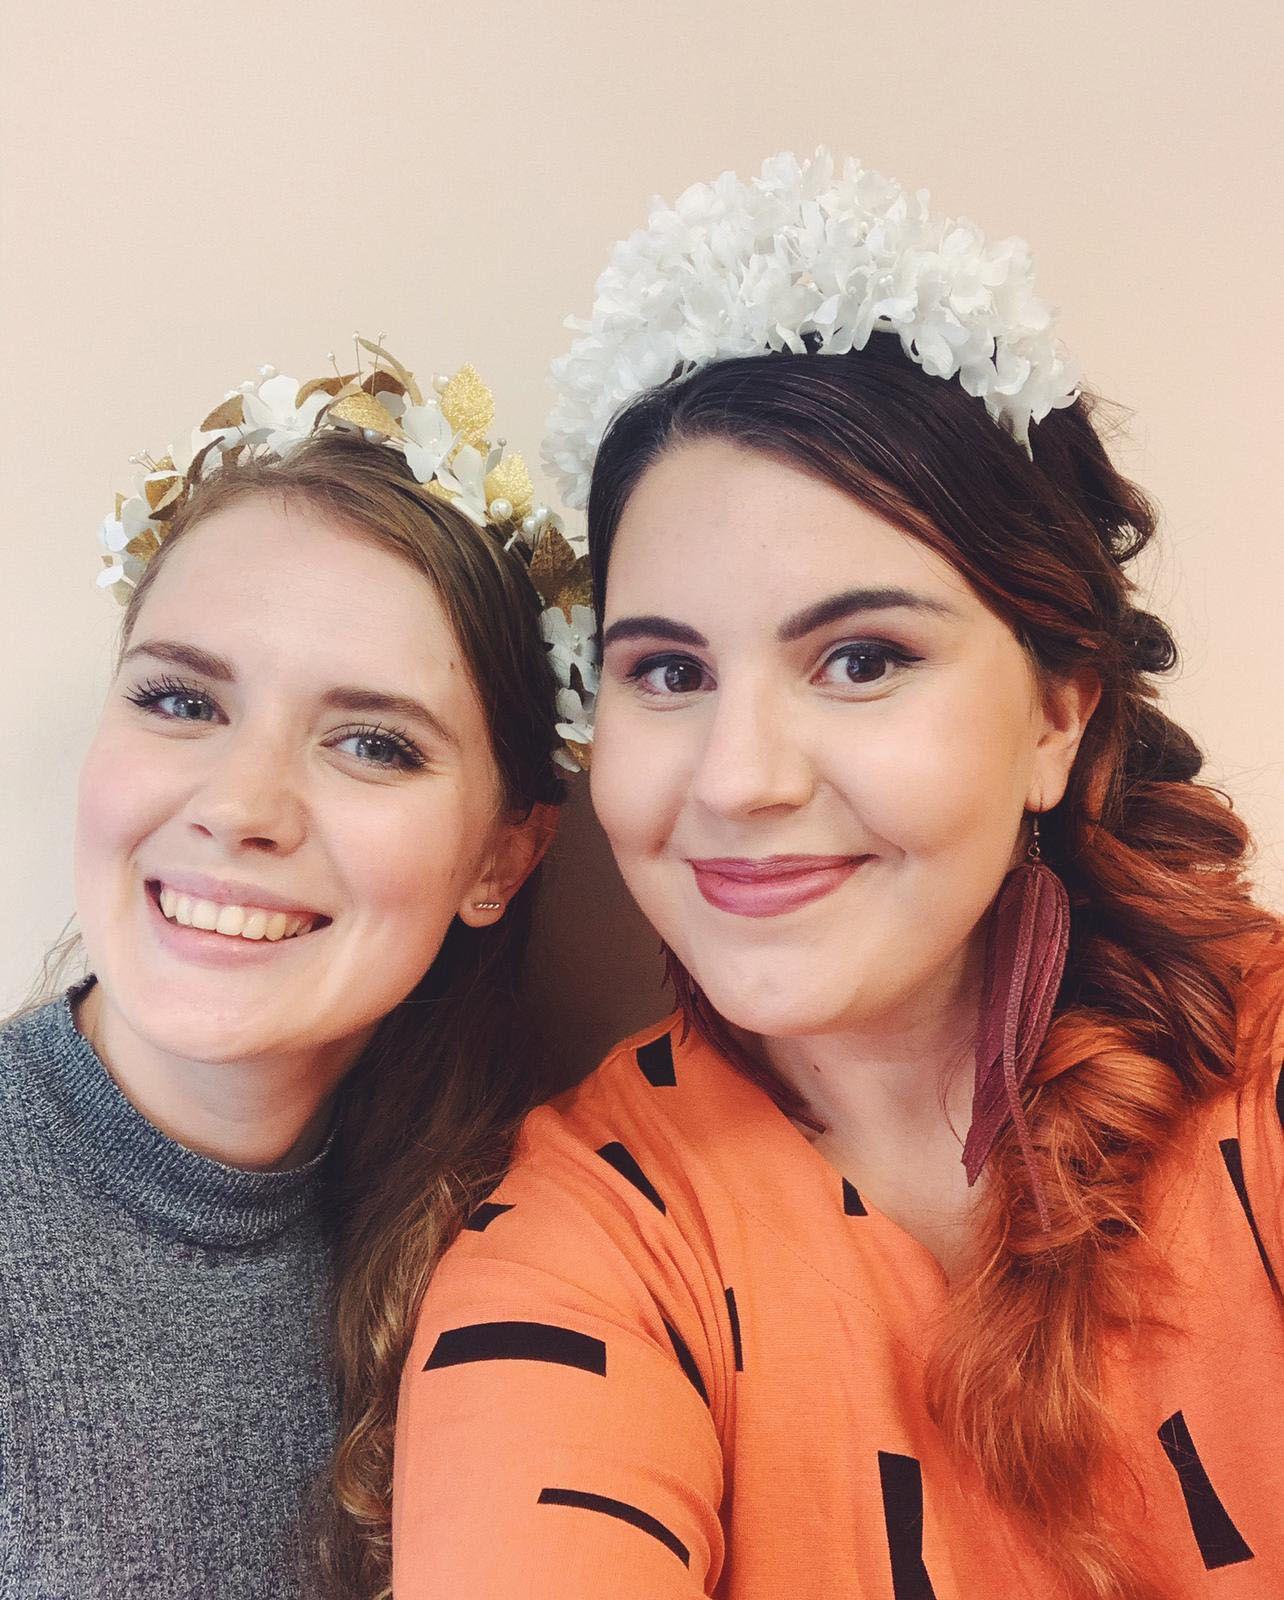 Sonja ja Hanna Häät-blogiyhteisössä